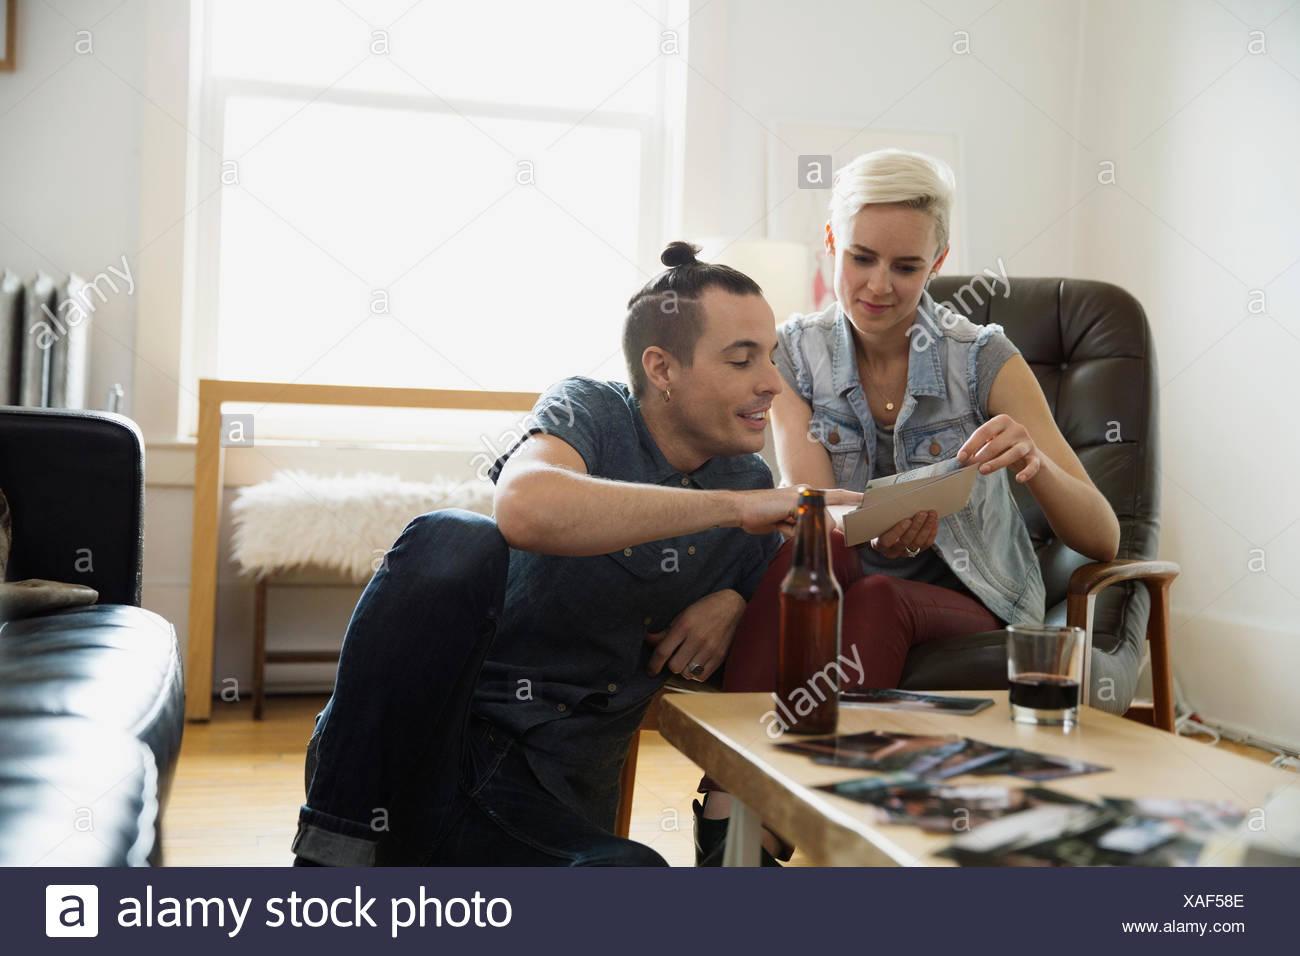 Pareja mirando fotografías en la sala de estar Imagen De Stock